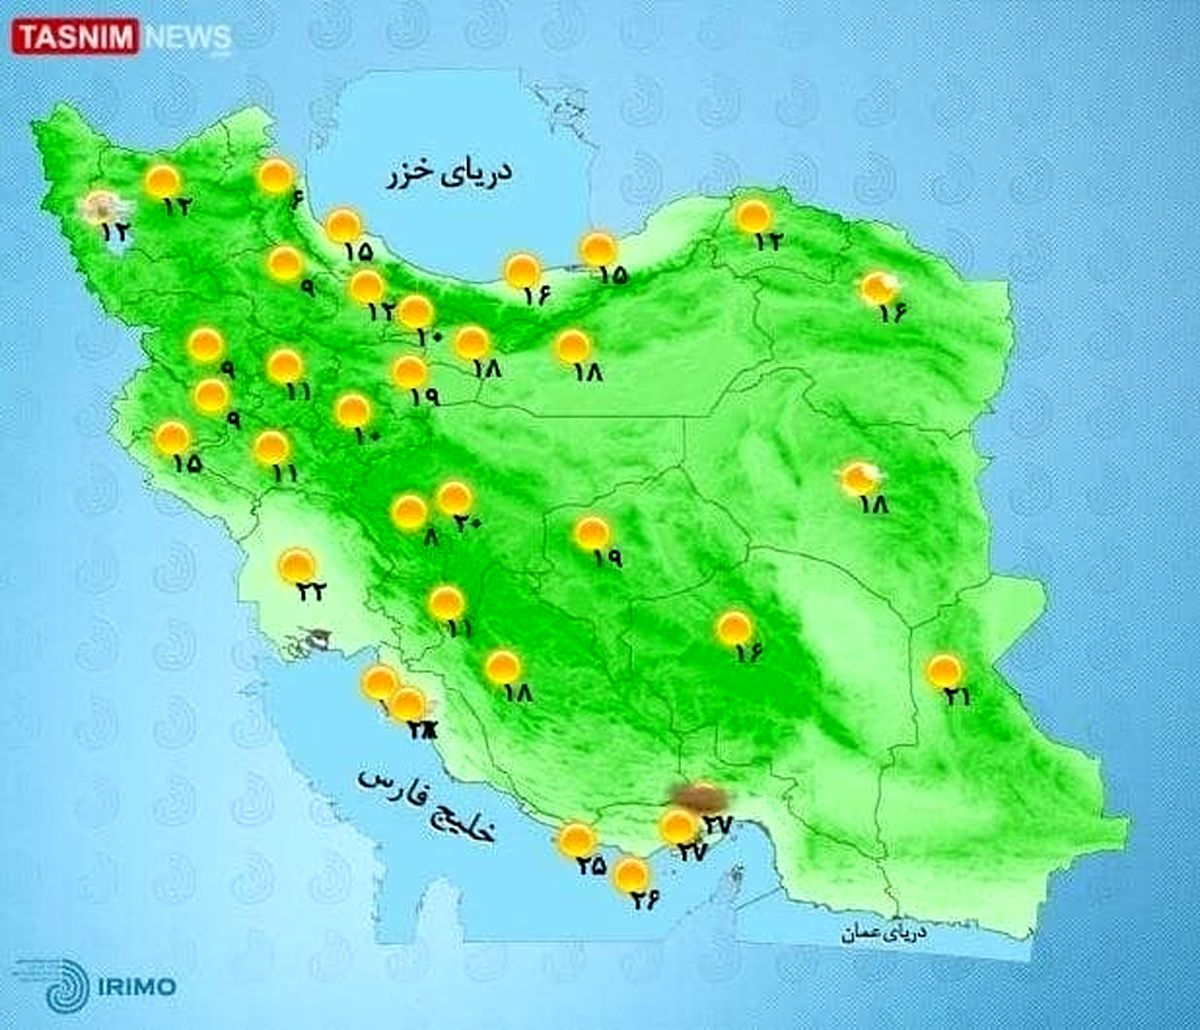 رگبار و وزش باد شدید موقت در ۶ استان